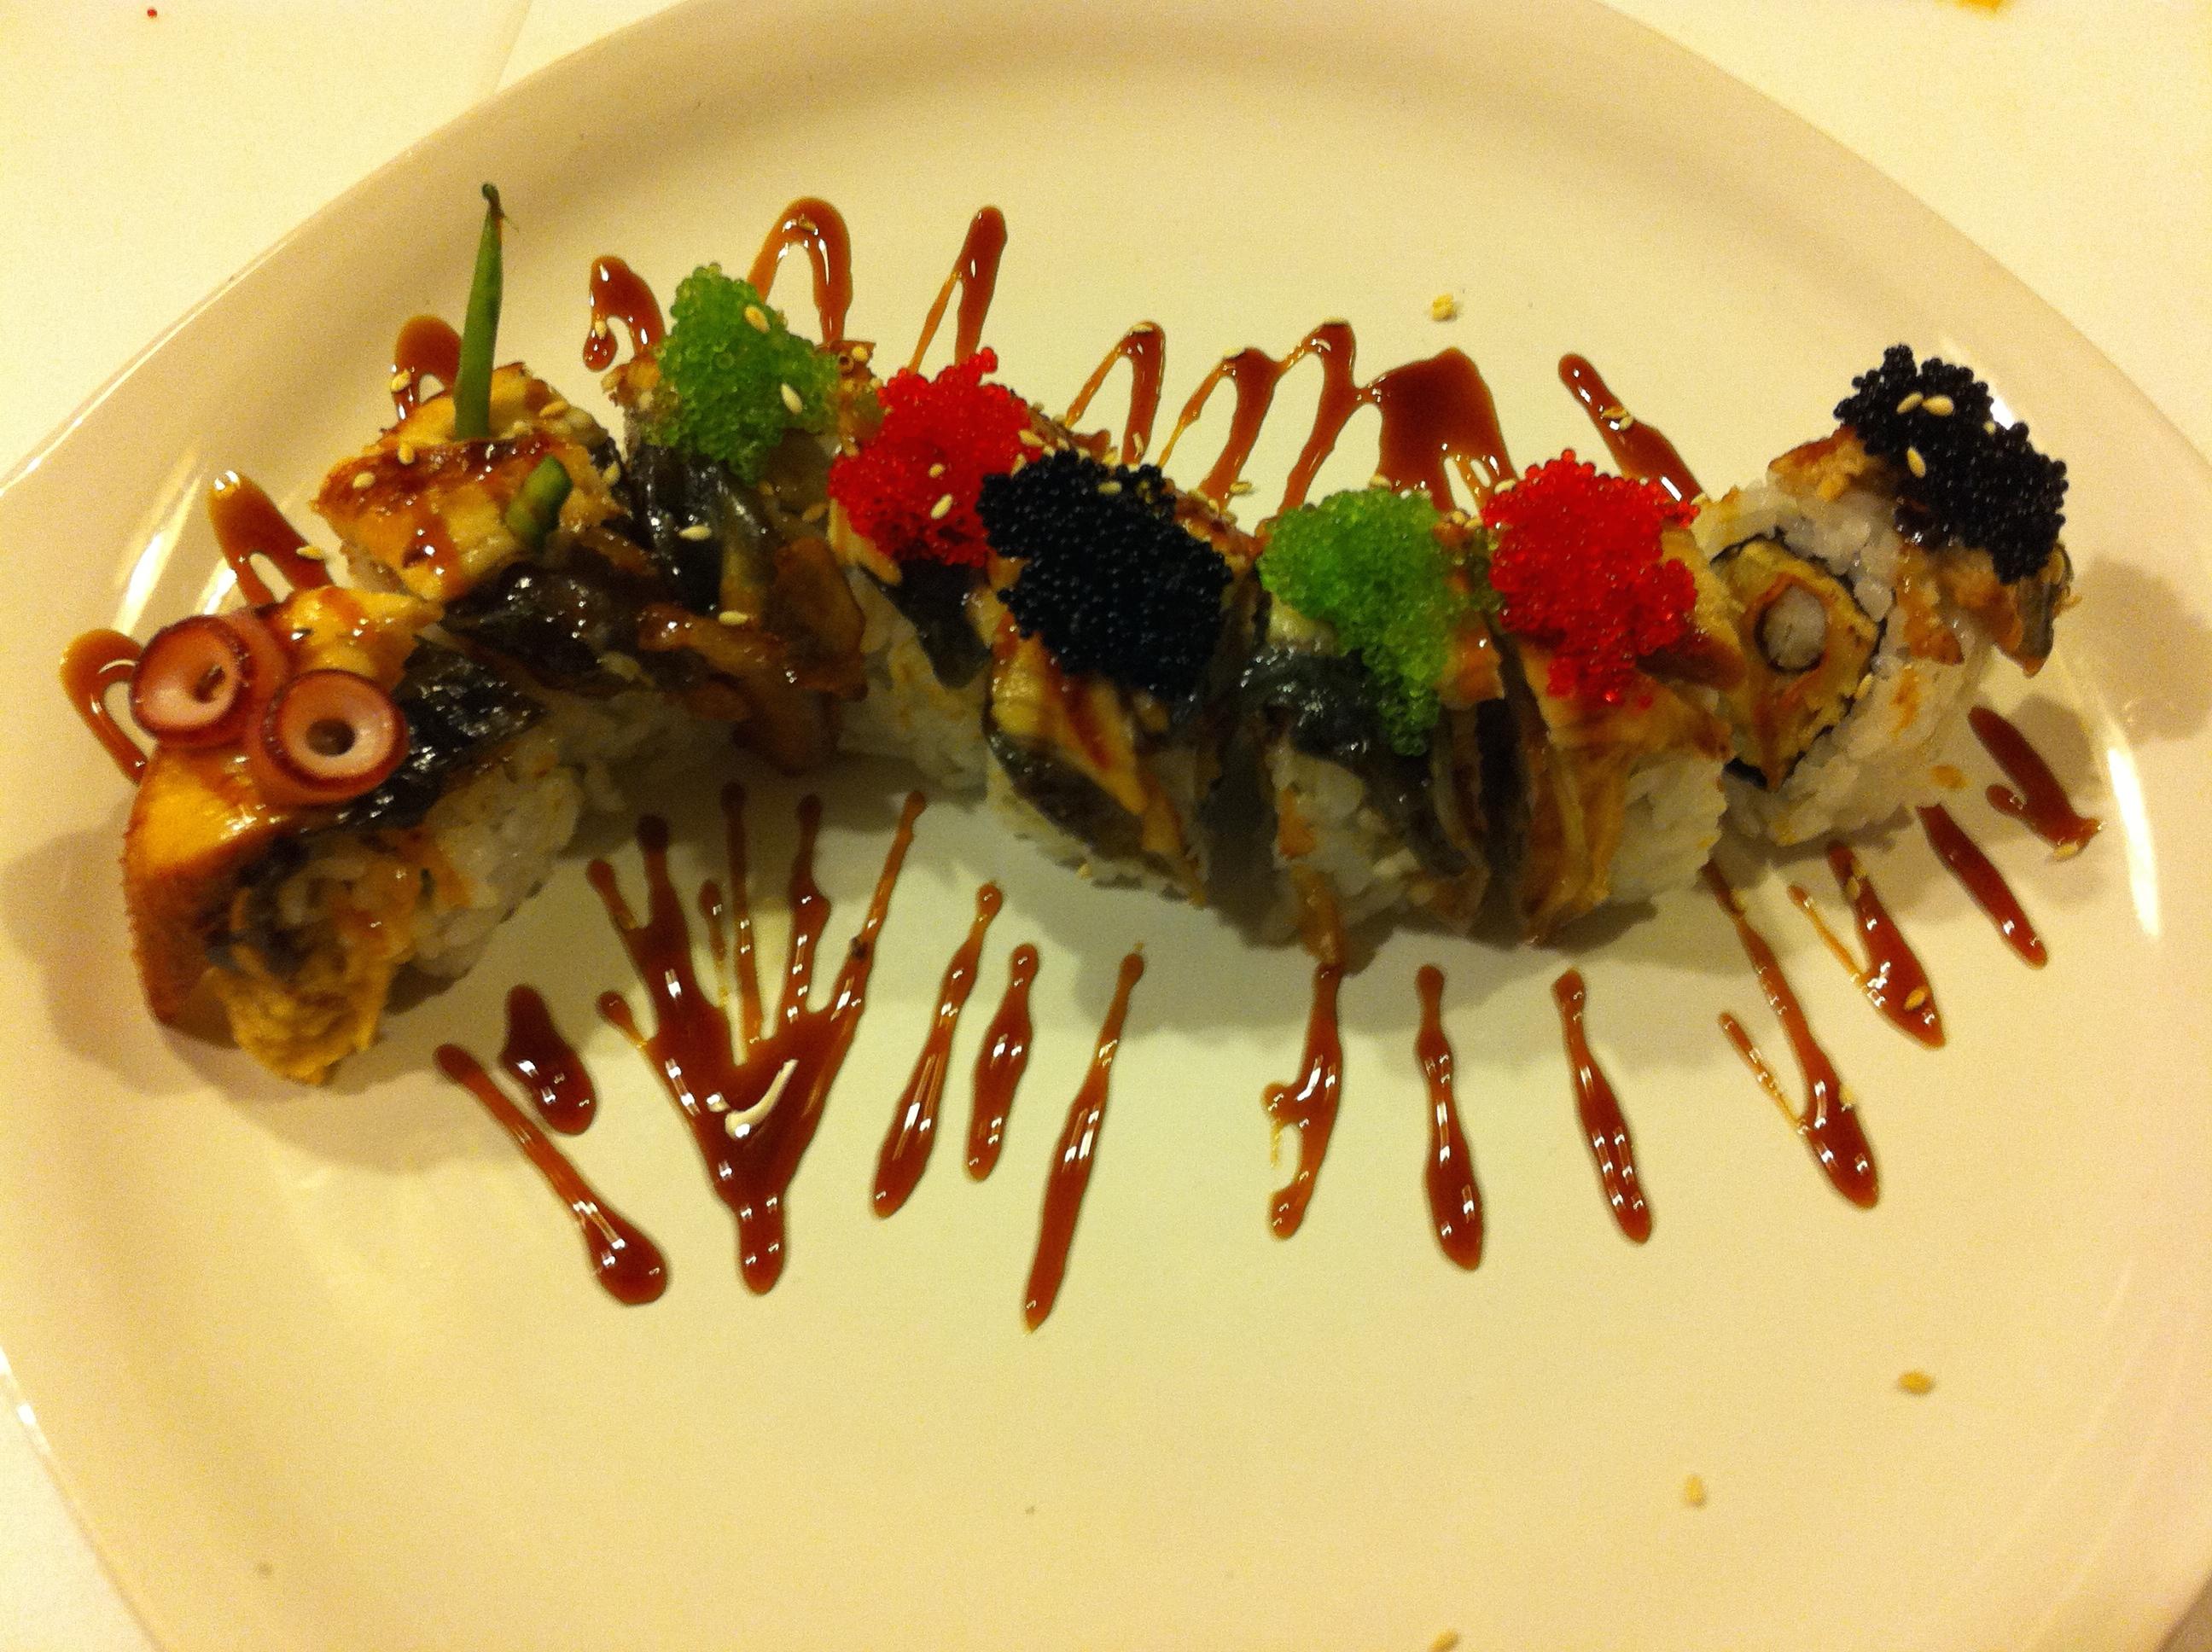 Yuki Restaurant Of Japan, Topeka KS